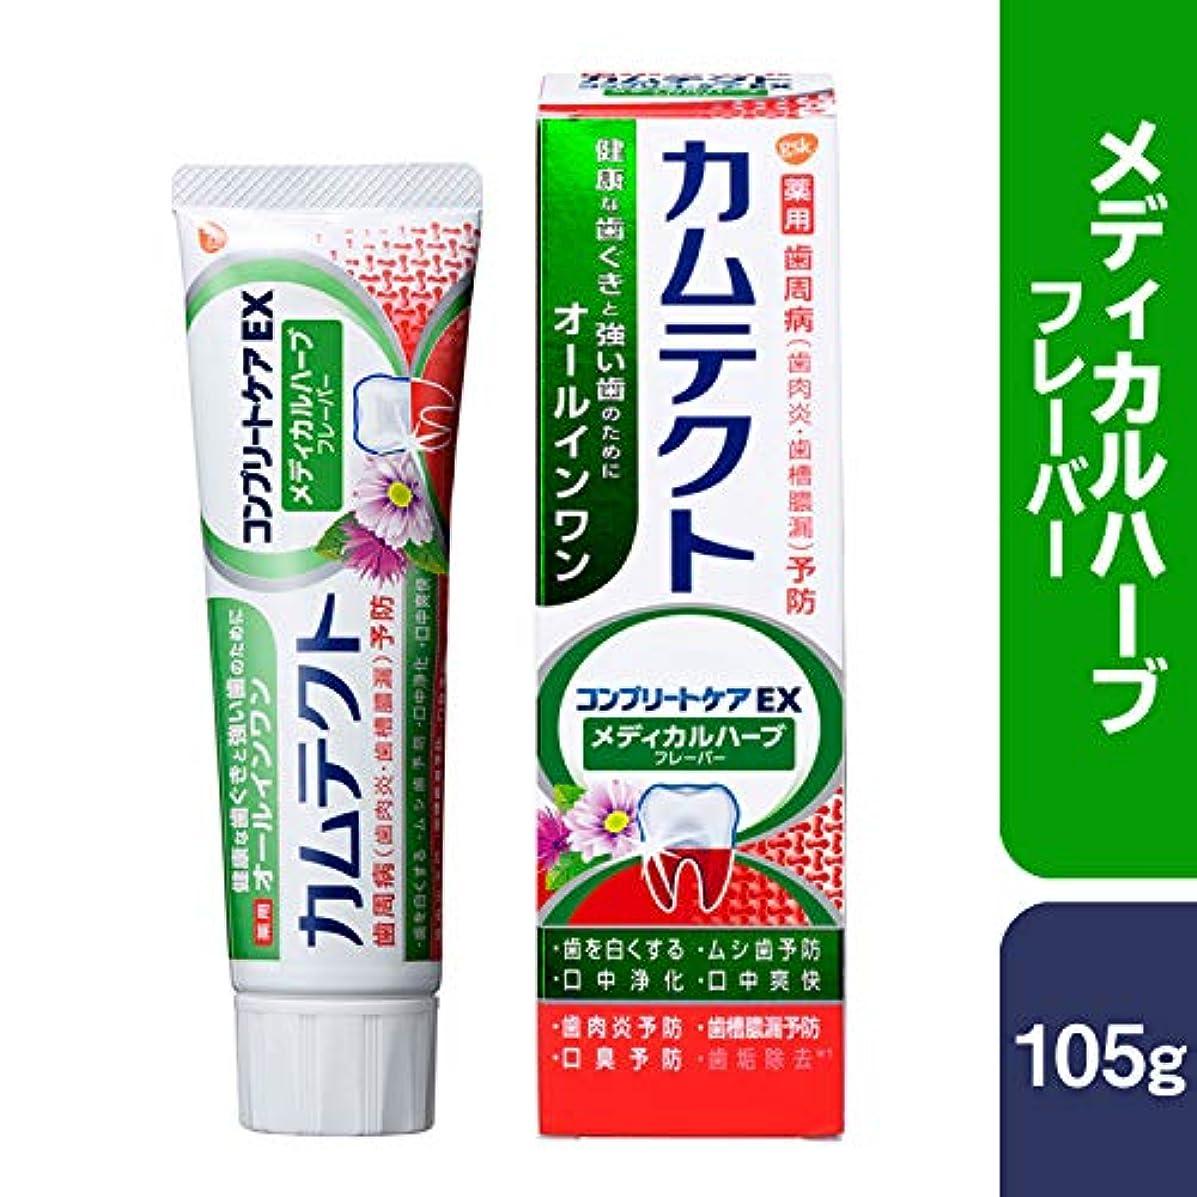 スパン晩ごはん立場[医薬部外品] カムテクト コンプリートケアEX メディカルハーブフレーバー 歯磨き粉 105g 105g